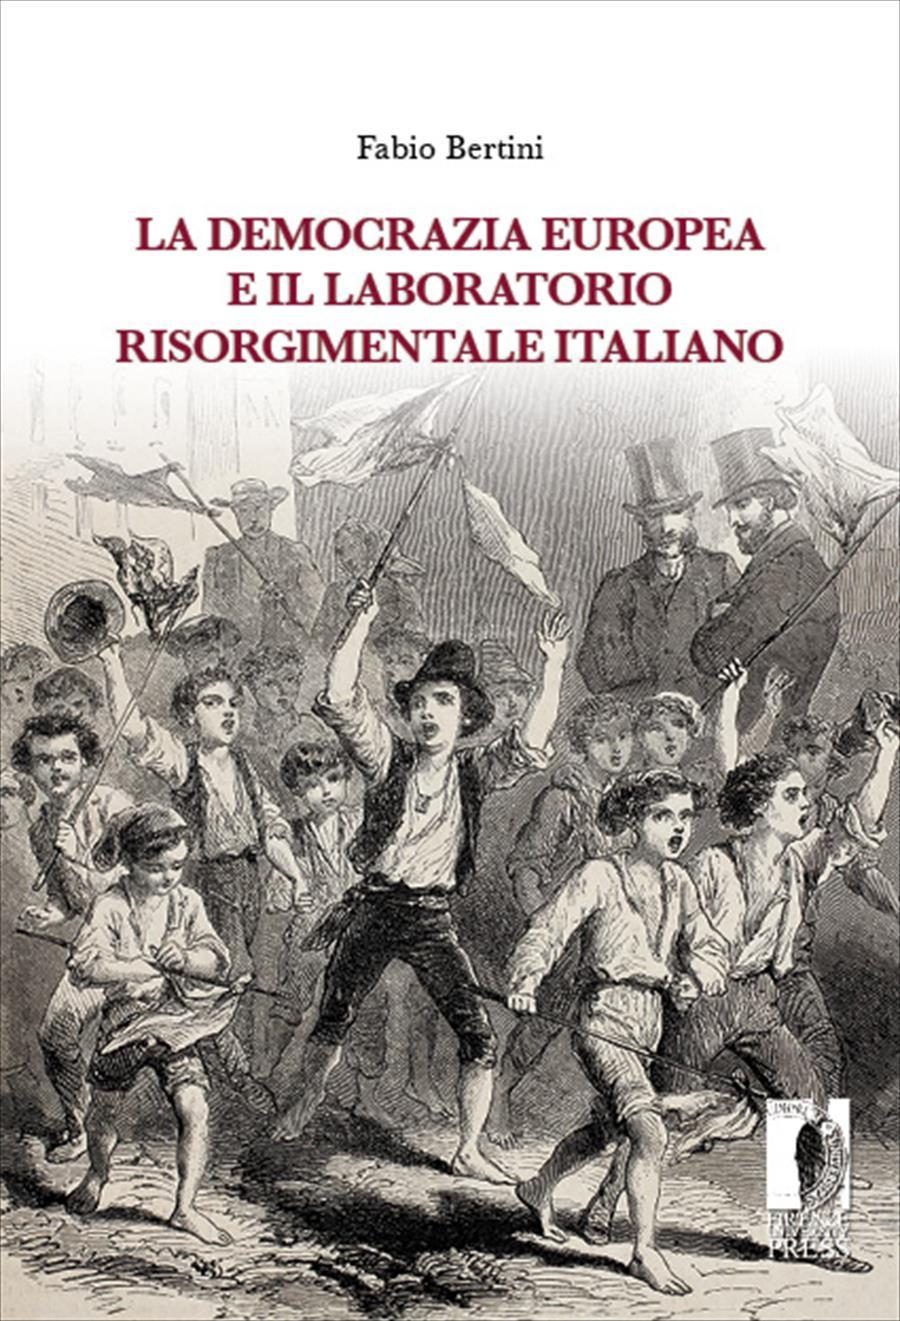 La democrazia europea e il laboratorio risorgimentale italiano (1848-1860)